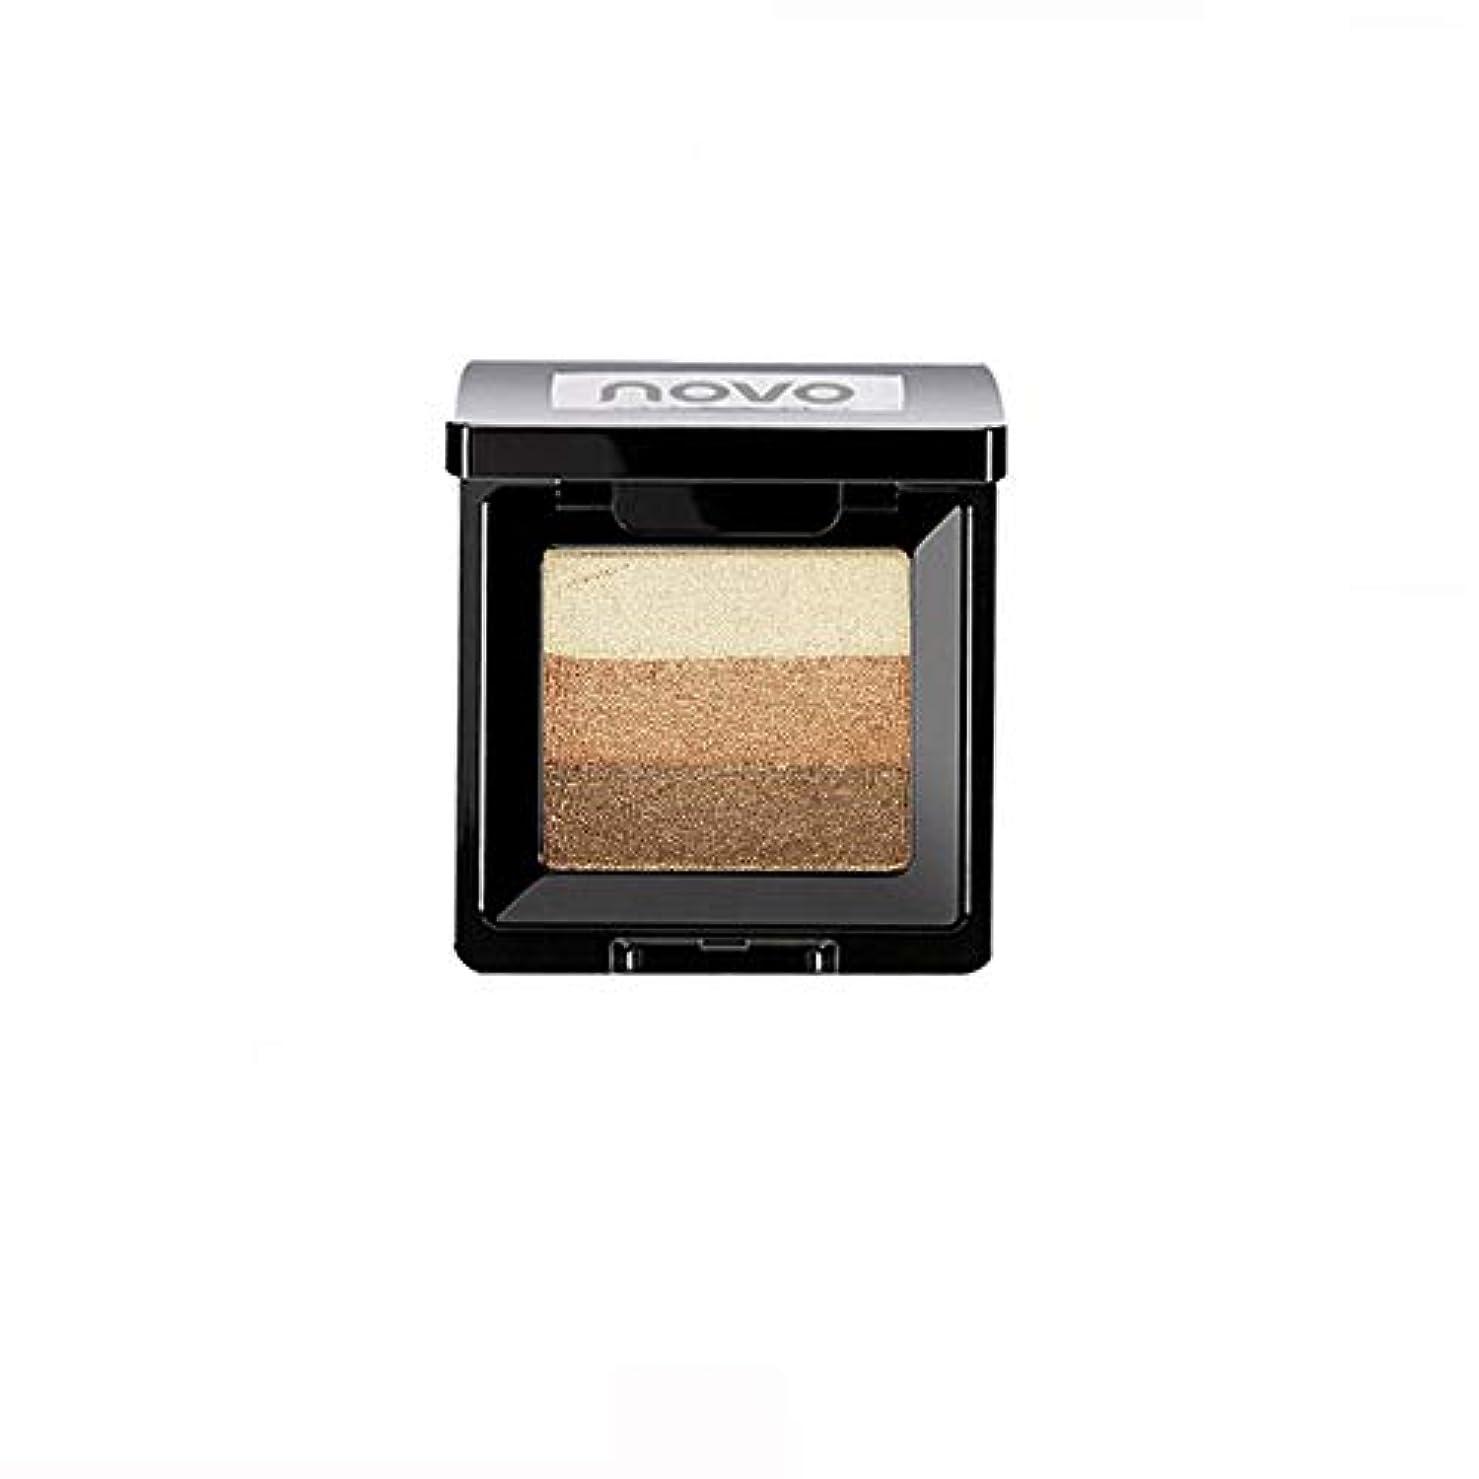 つま先本節約するAkane アイシャドウパレット NOVO ファッション 魅力的 3色 グラデーション 人気 綺麗 マット チャーム つや消し 真珠光沢 長持ち おしゃれ 持ち便利 Eye Shadow (8種類)